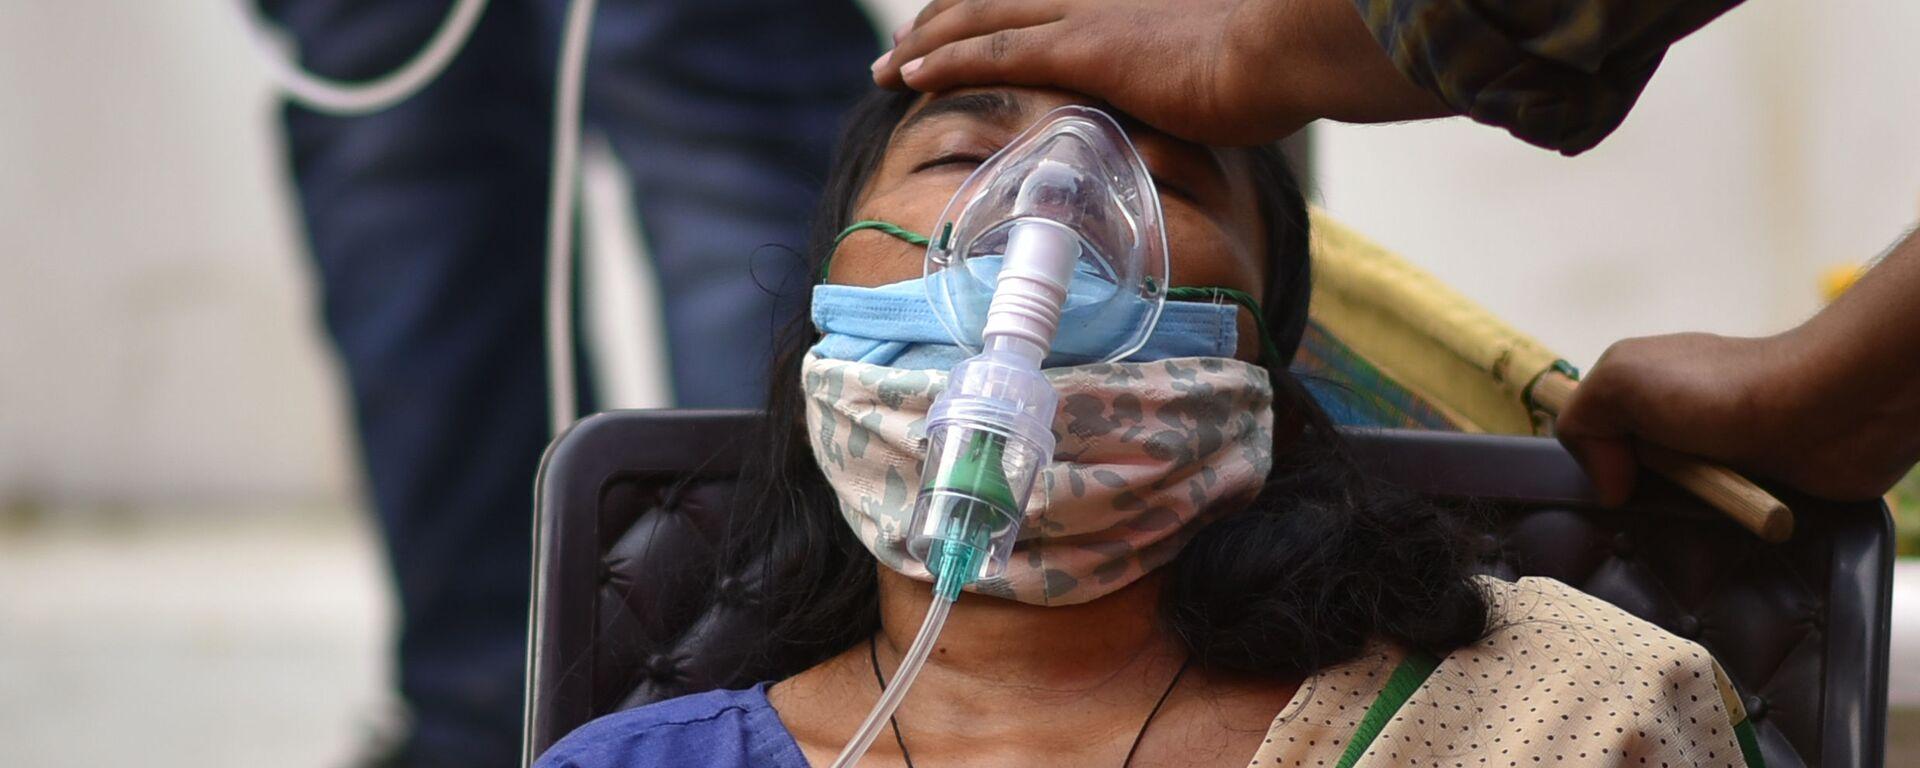 Žena trpící dýchacími potížemi dostává bezplatnou kyslíkovou podporu v sikhském chrámu v Dillí - Sputnik Česká republika, 1920, 28.07.2021